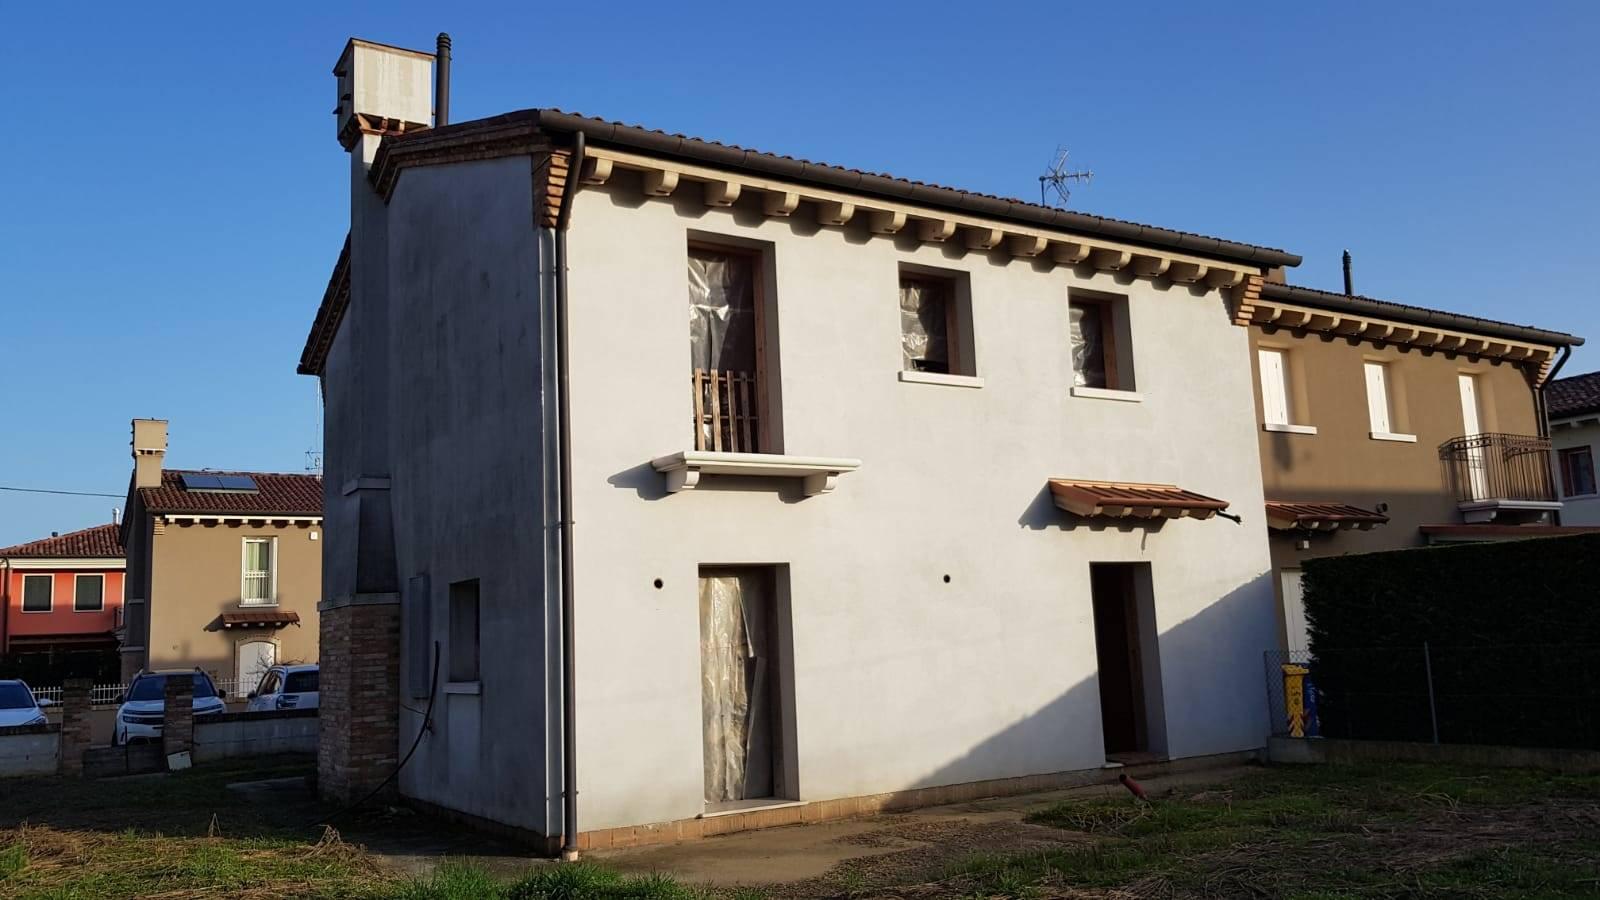 Villa bifamiliareaZERO BRANCO